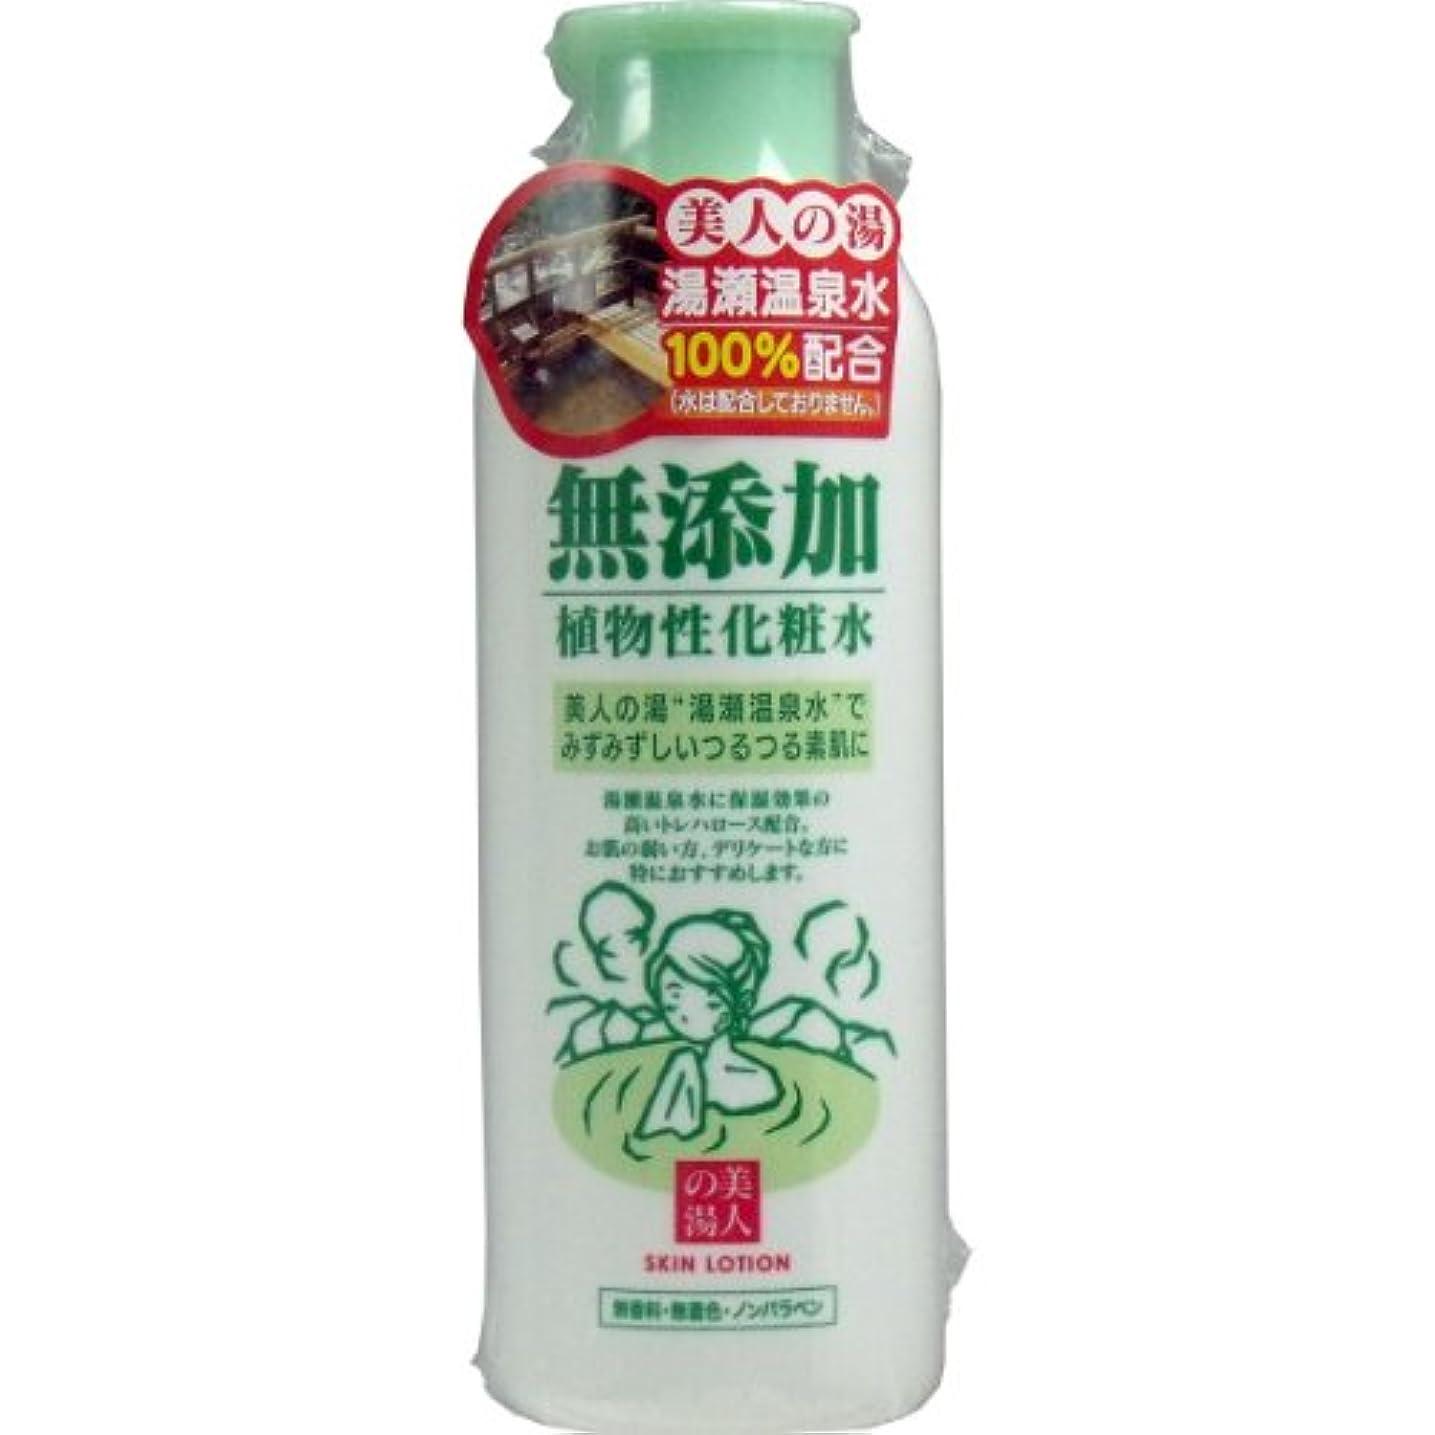 カード教育者急行するユゼ 無添加植物性 化粧水 200ml 【3セット】